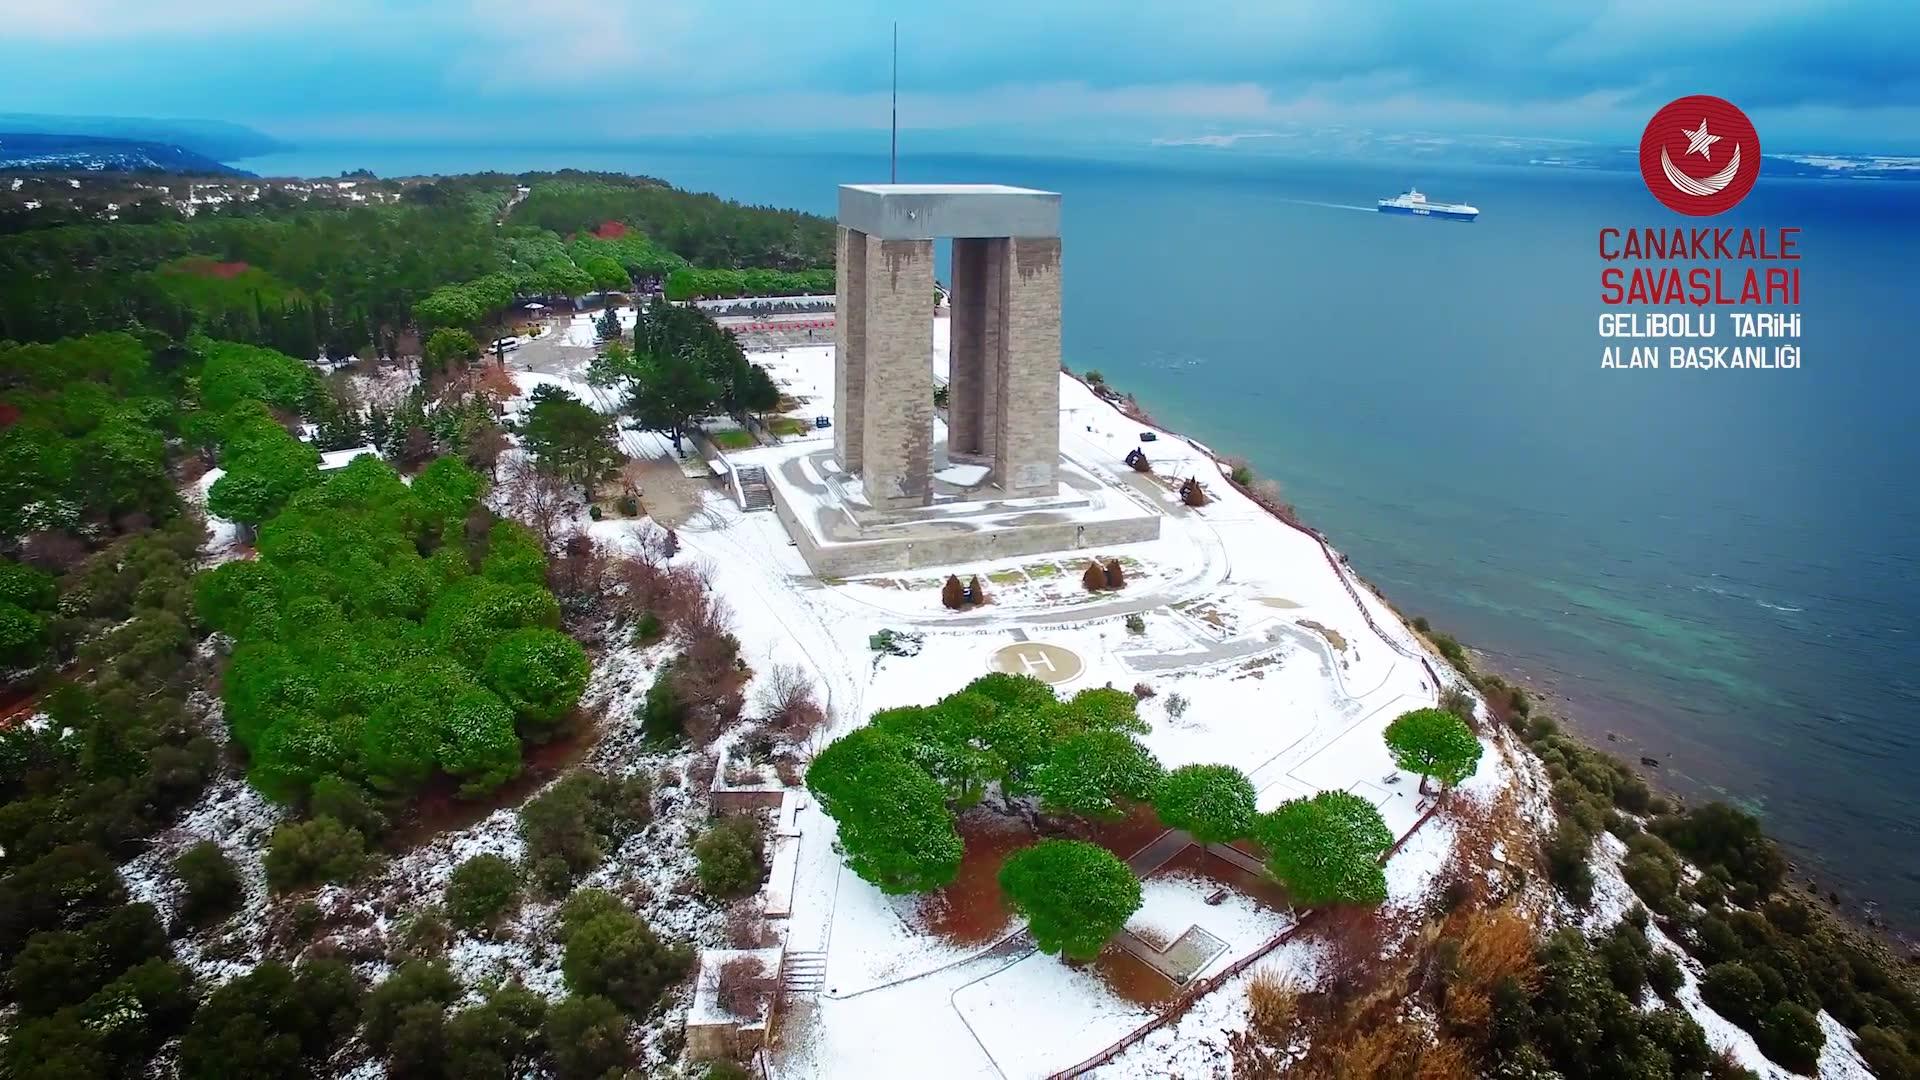 Çanakkale Tarihi Alan Tanıtım Filmi-Kış